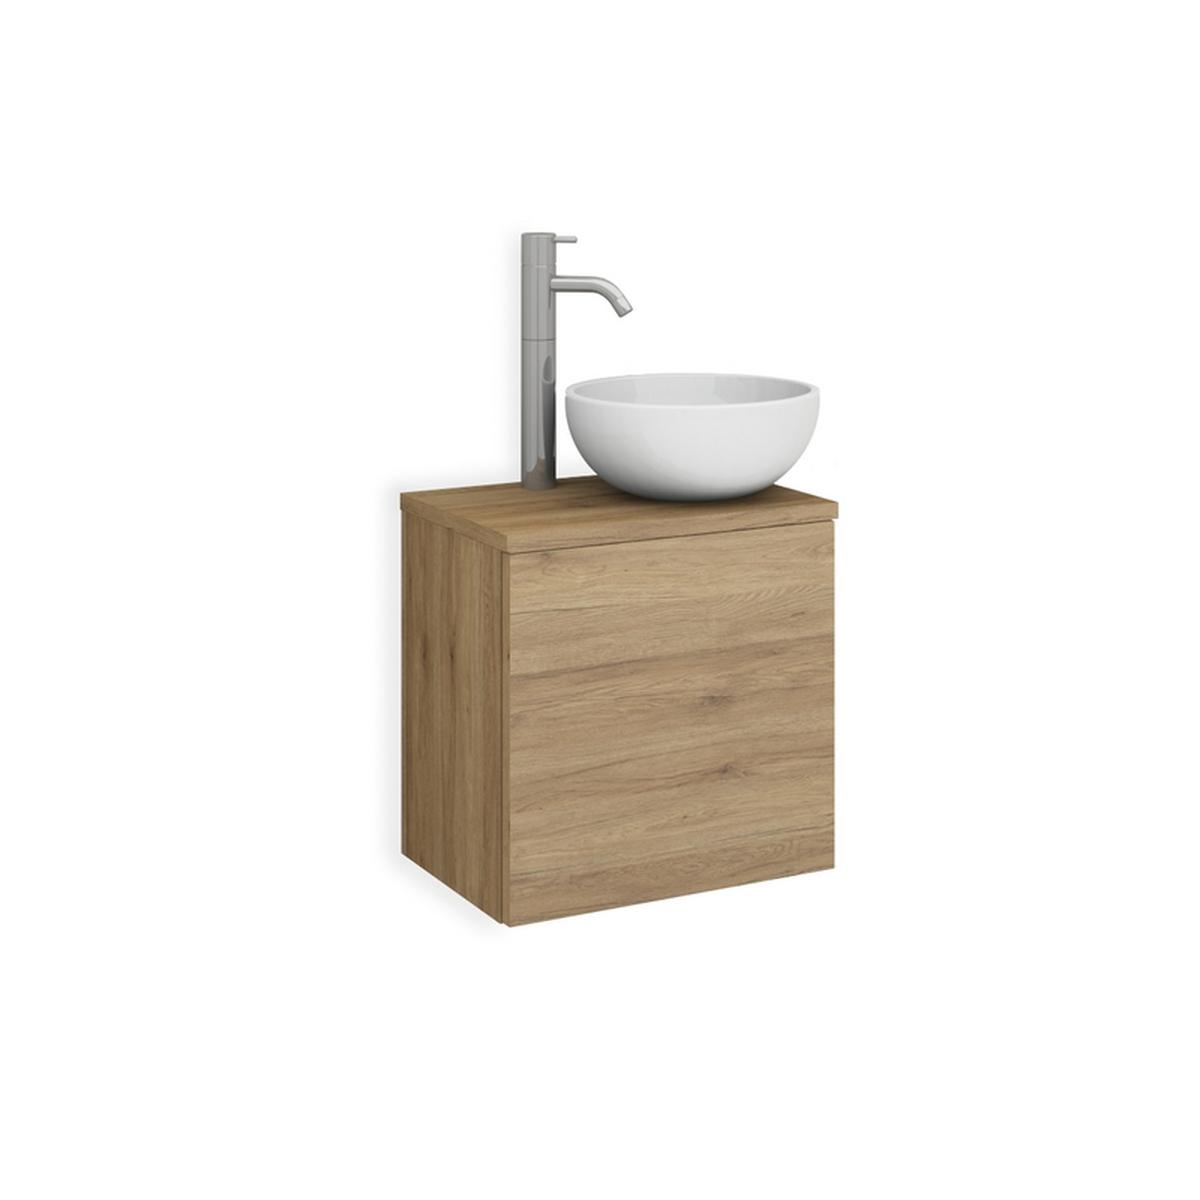 cova 29 keramik waschtisch set nach ma mit t r. Black Bedroom Furniture Sets. Home Design Ideas